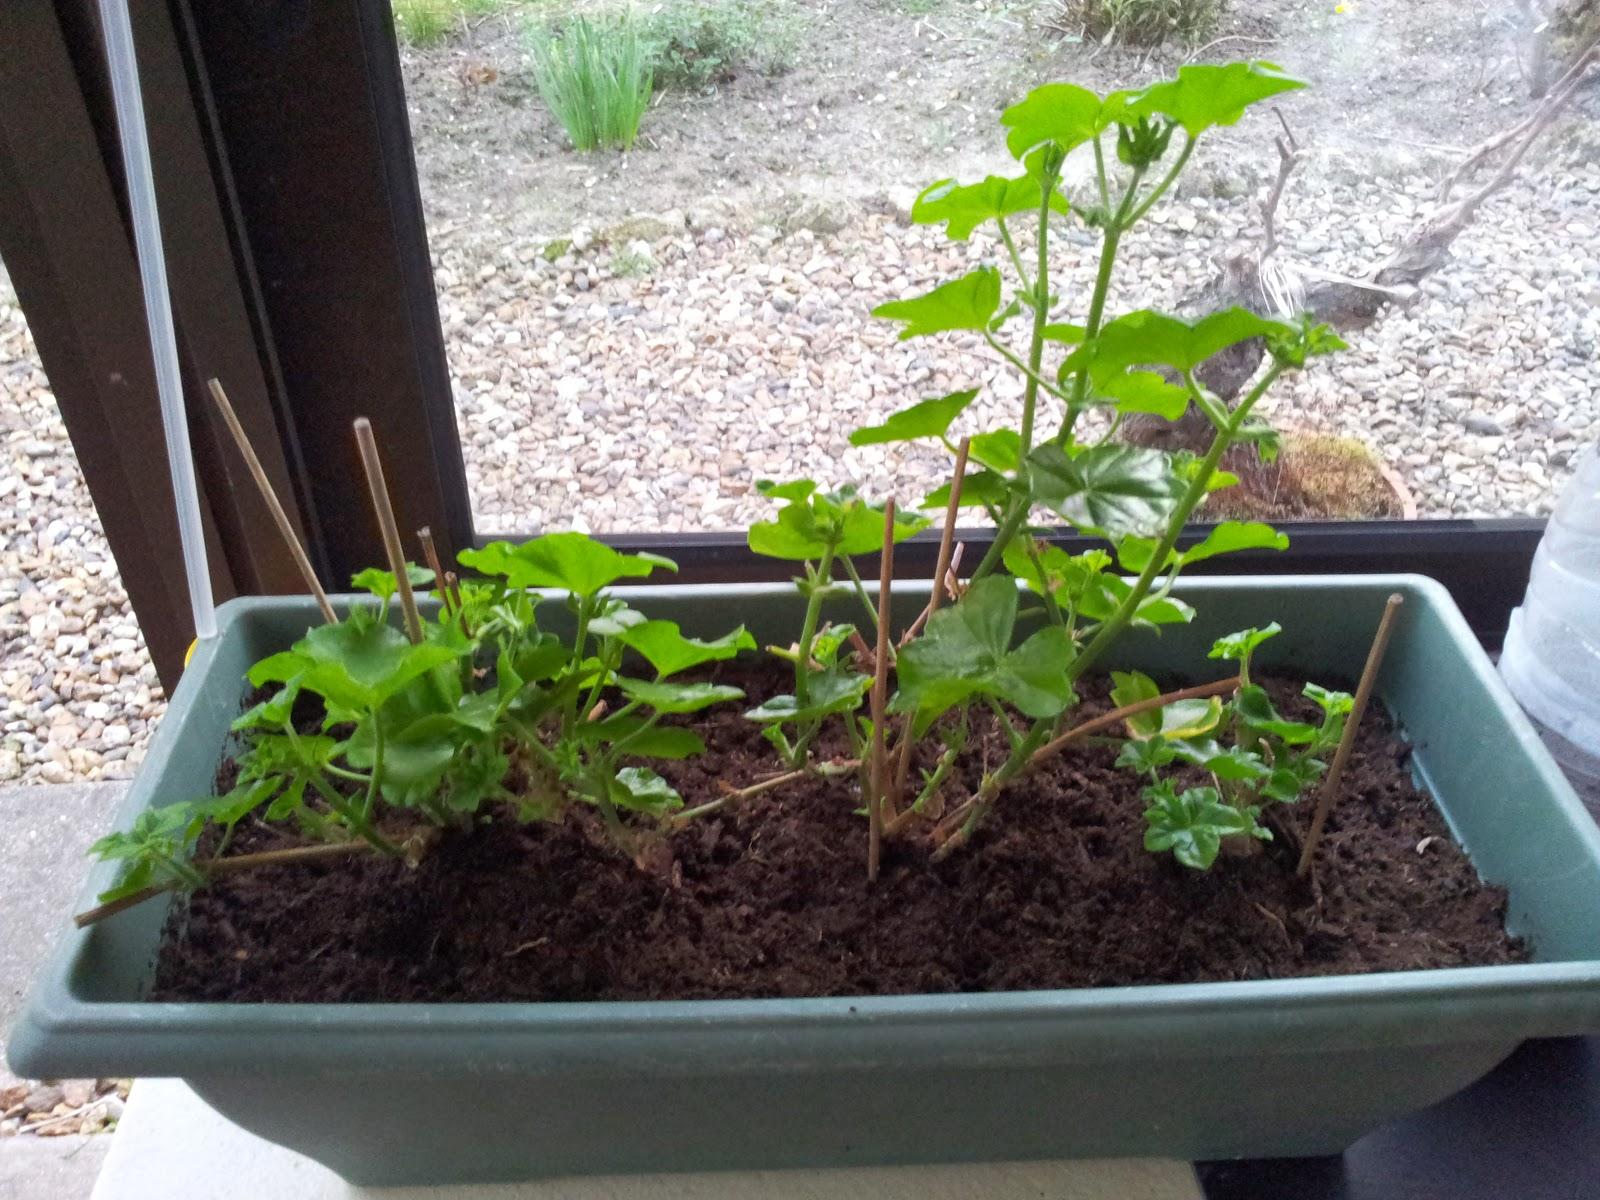 veranda kit leroy merlin 28 images revger veranda leroy merlin id 233 e inspirante pour la  # Veranda Bois En Kit Leroy Merlin